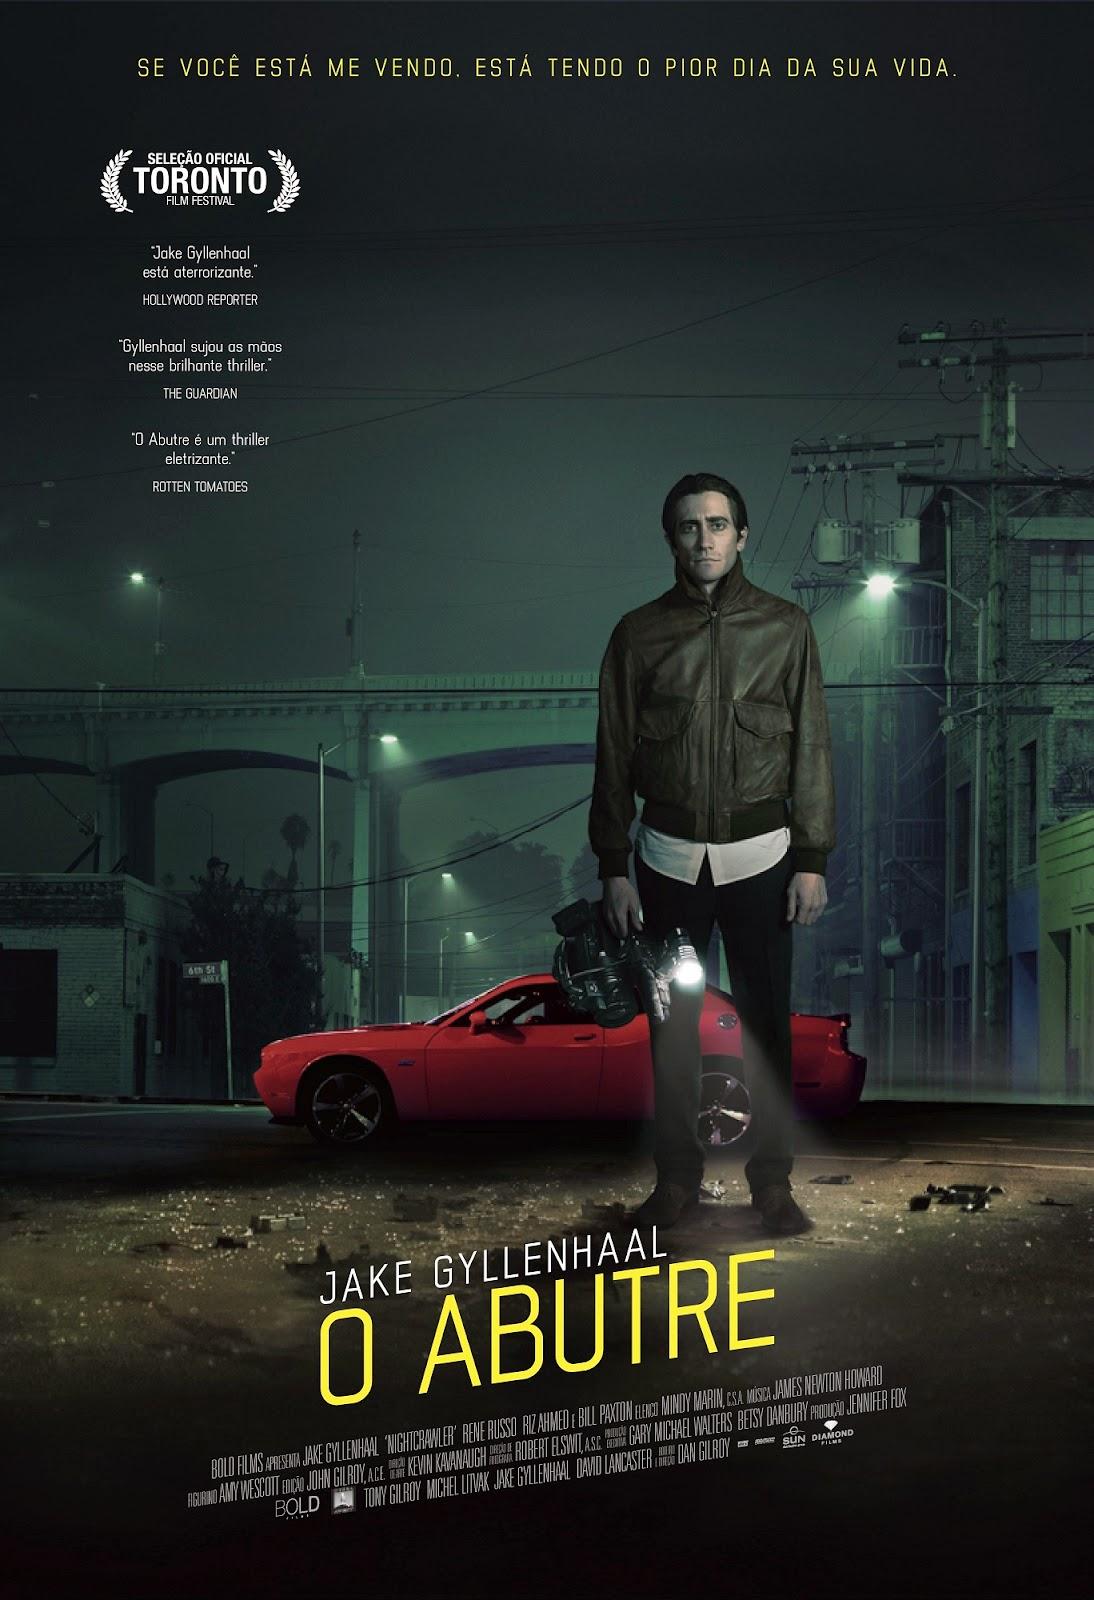 Pôster/capa/cartaz nacional de O ABUTRE (Nightcrawler)